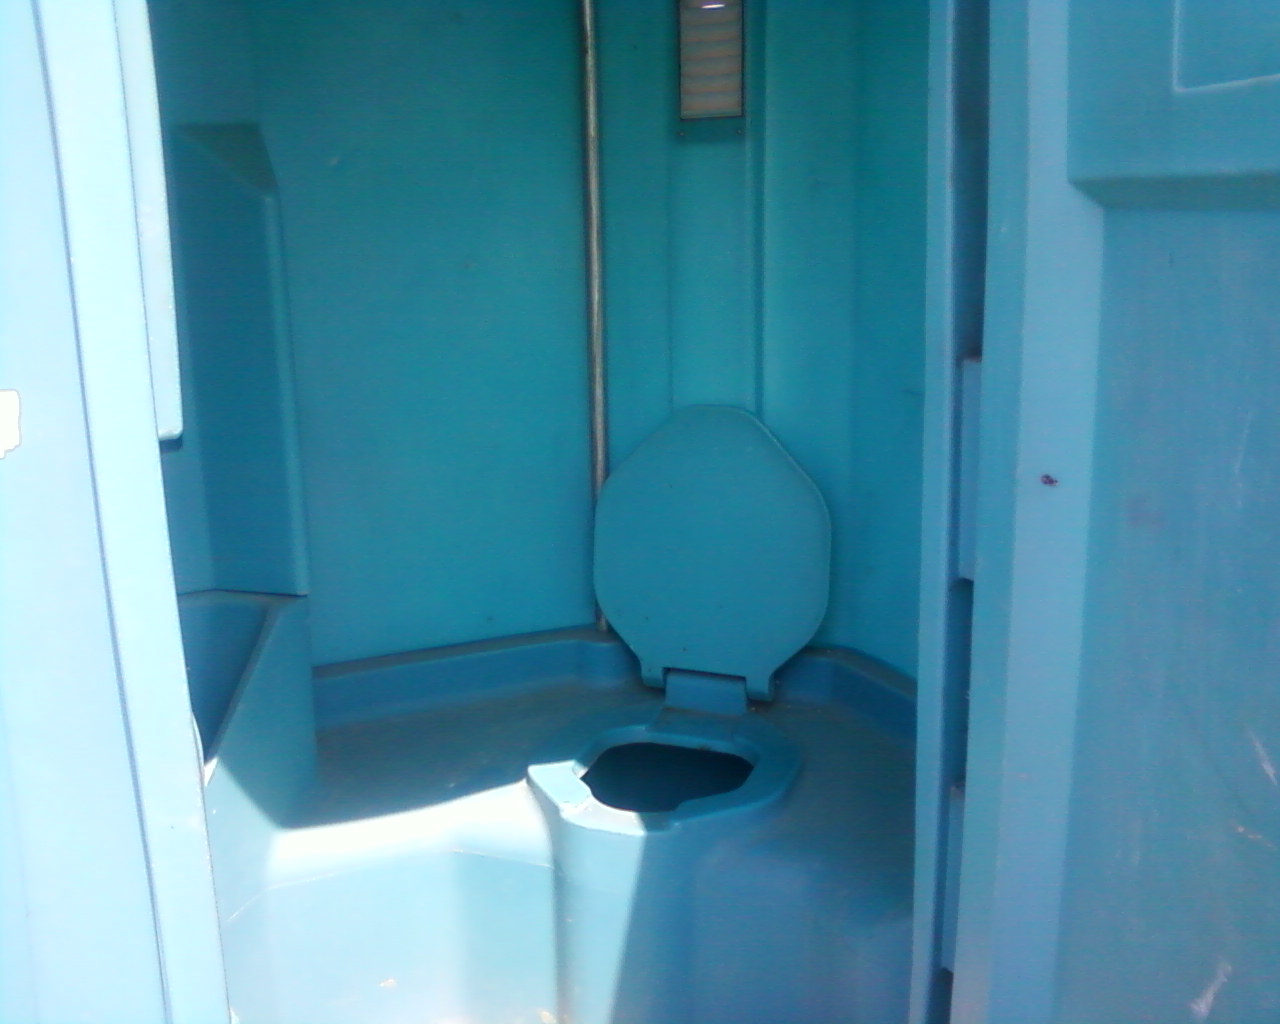 Nowoczesna architektura Toaleta przenośna typu toi toi (sprzedam) - 7415650222 - oficjalne MP33